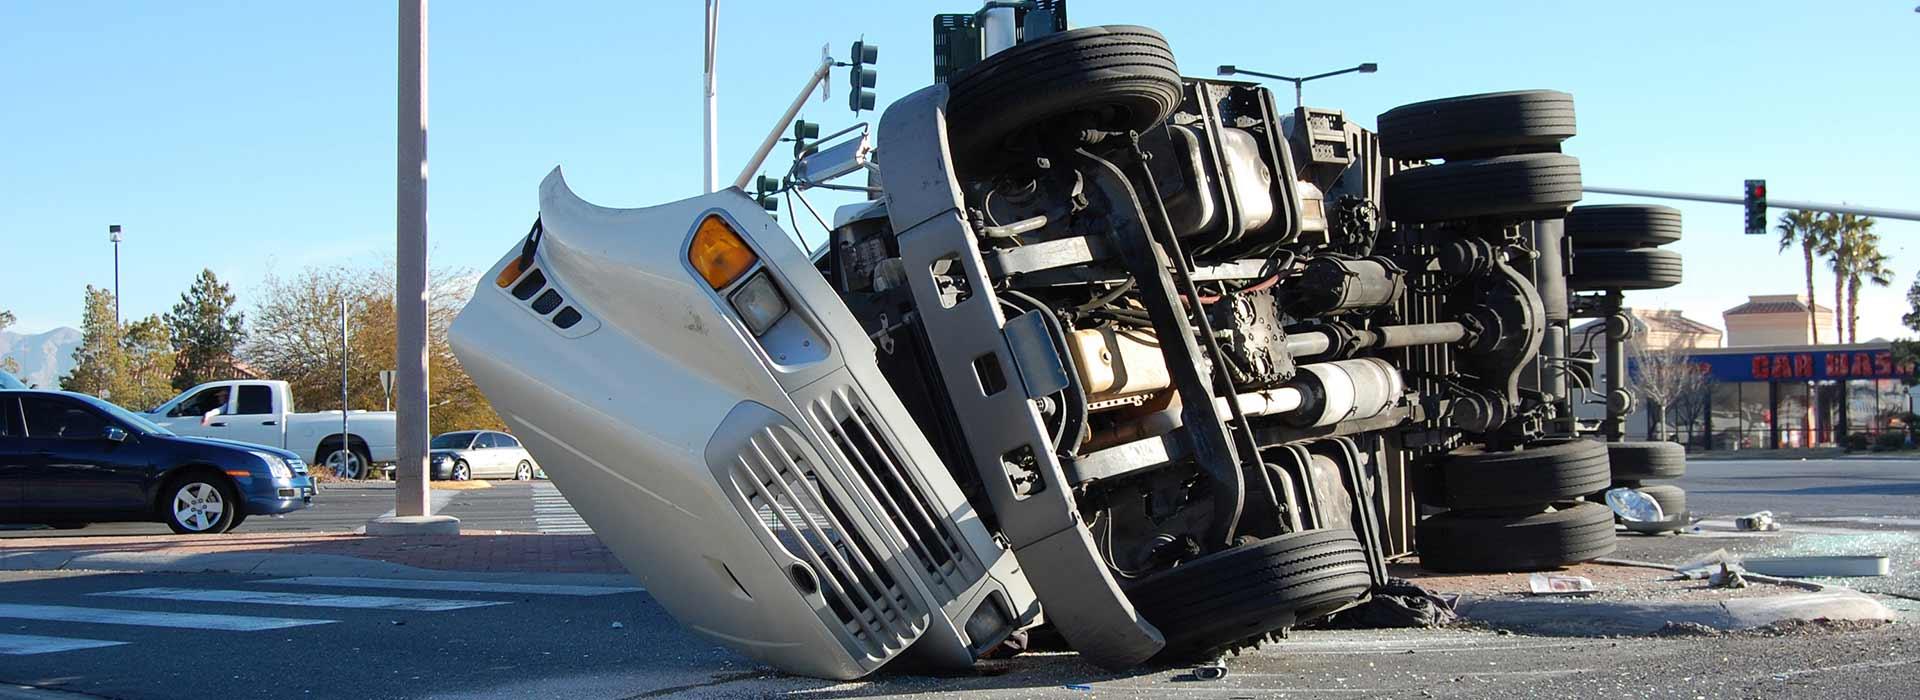 header-banner-tractor-trailer